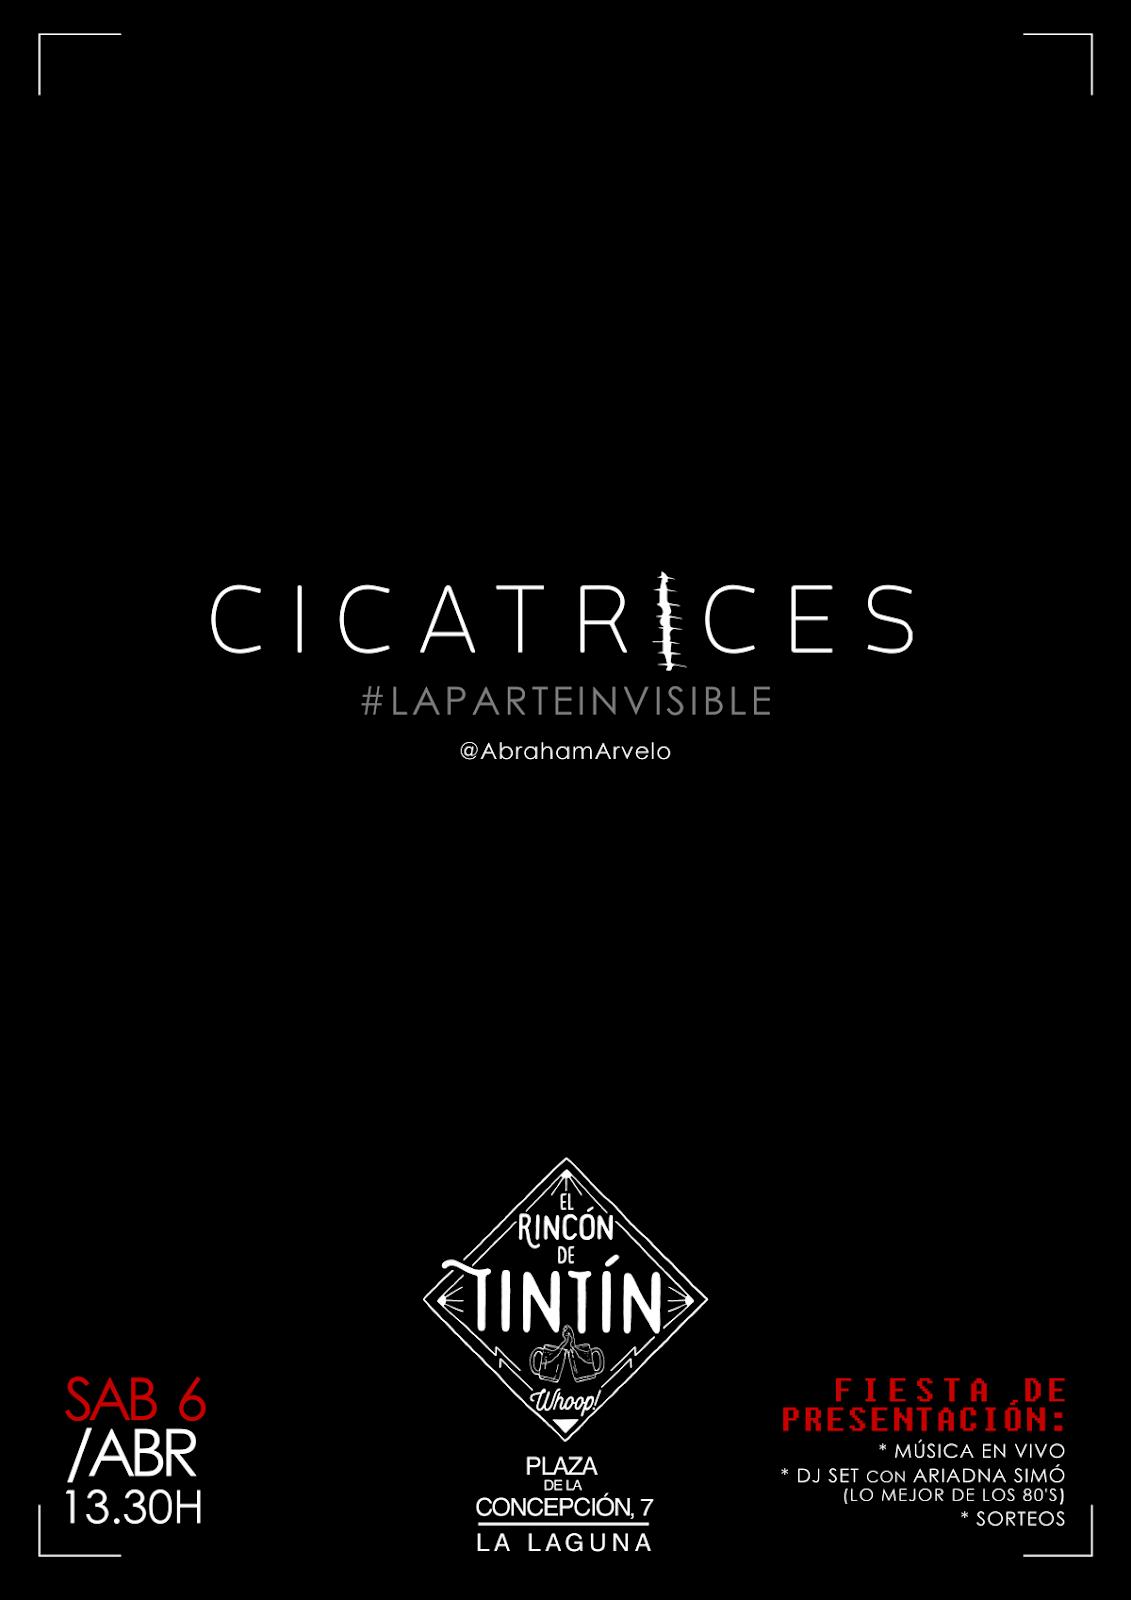 """6 de abril, """"Cicatrices #LaParteInvisible"""" en el Rincón de Tintín"""